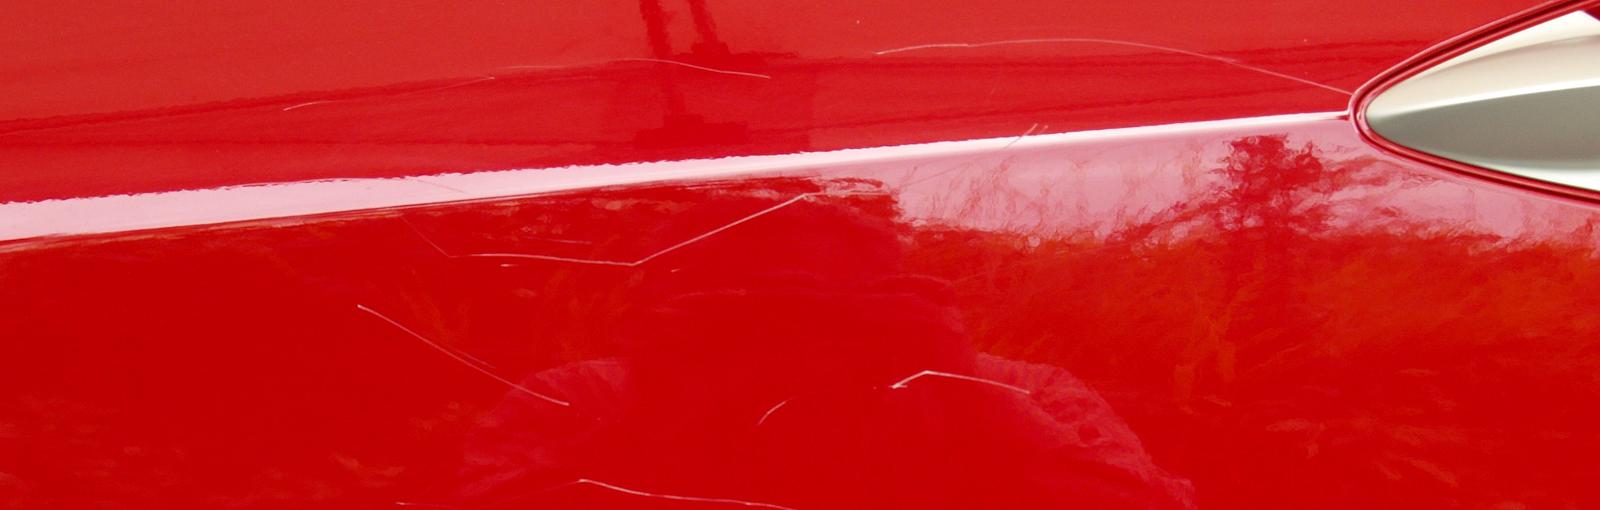 scratch repairs